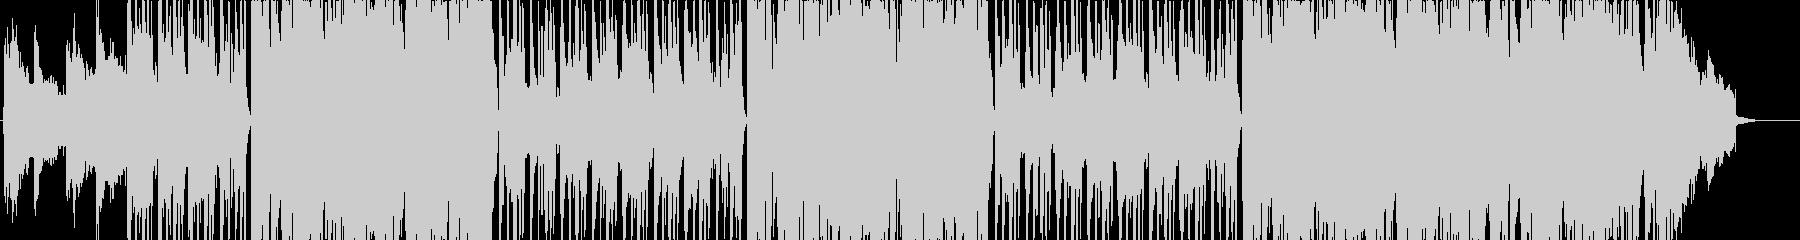 カフェに合うLO-FI HIPHOPの未再生の波形